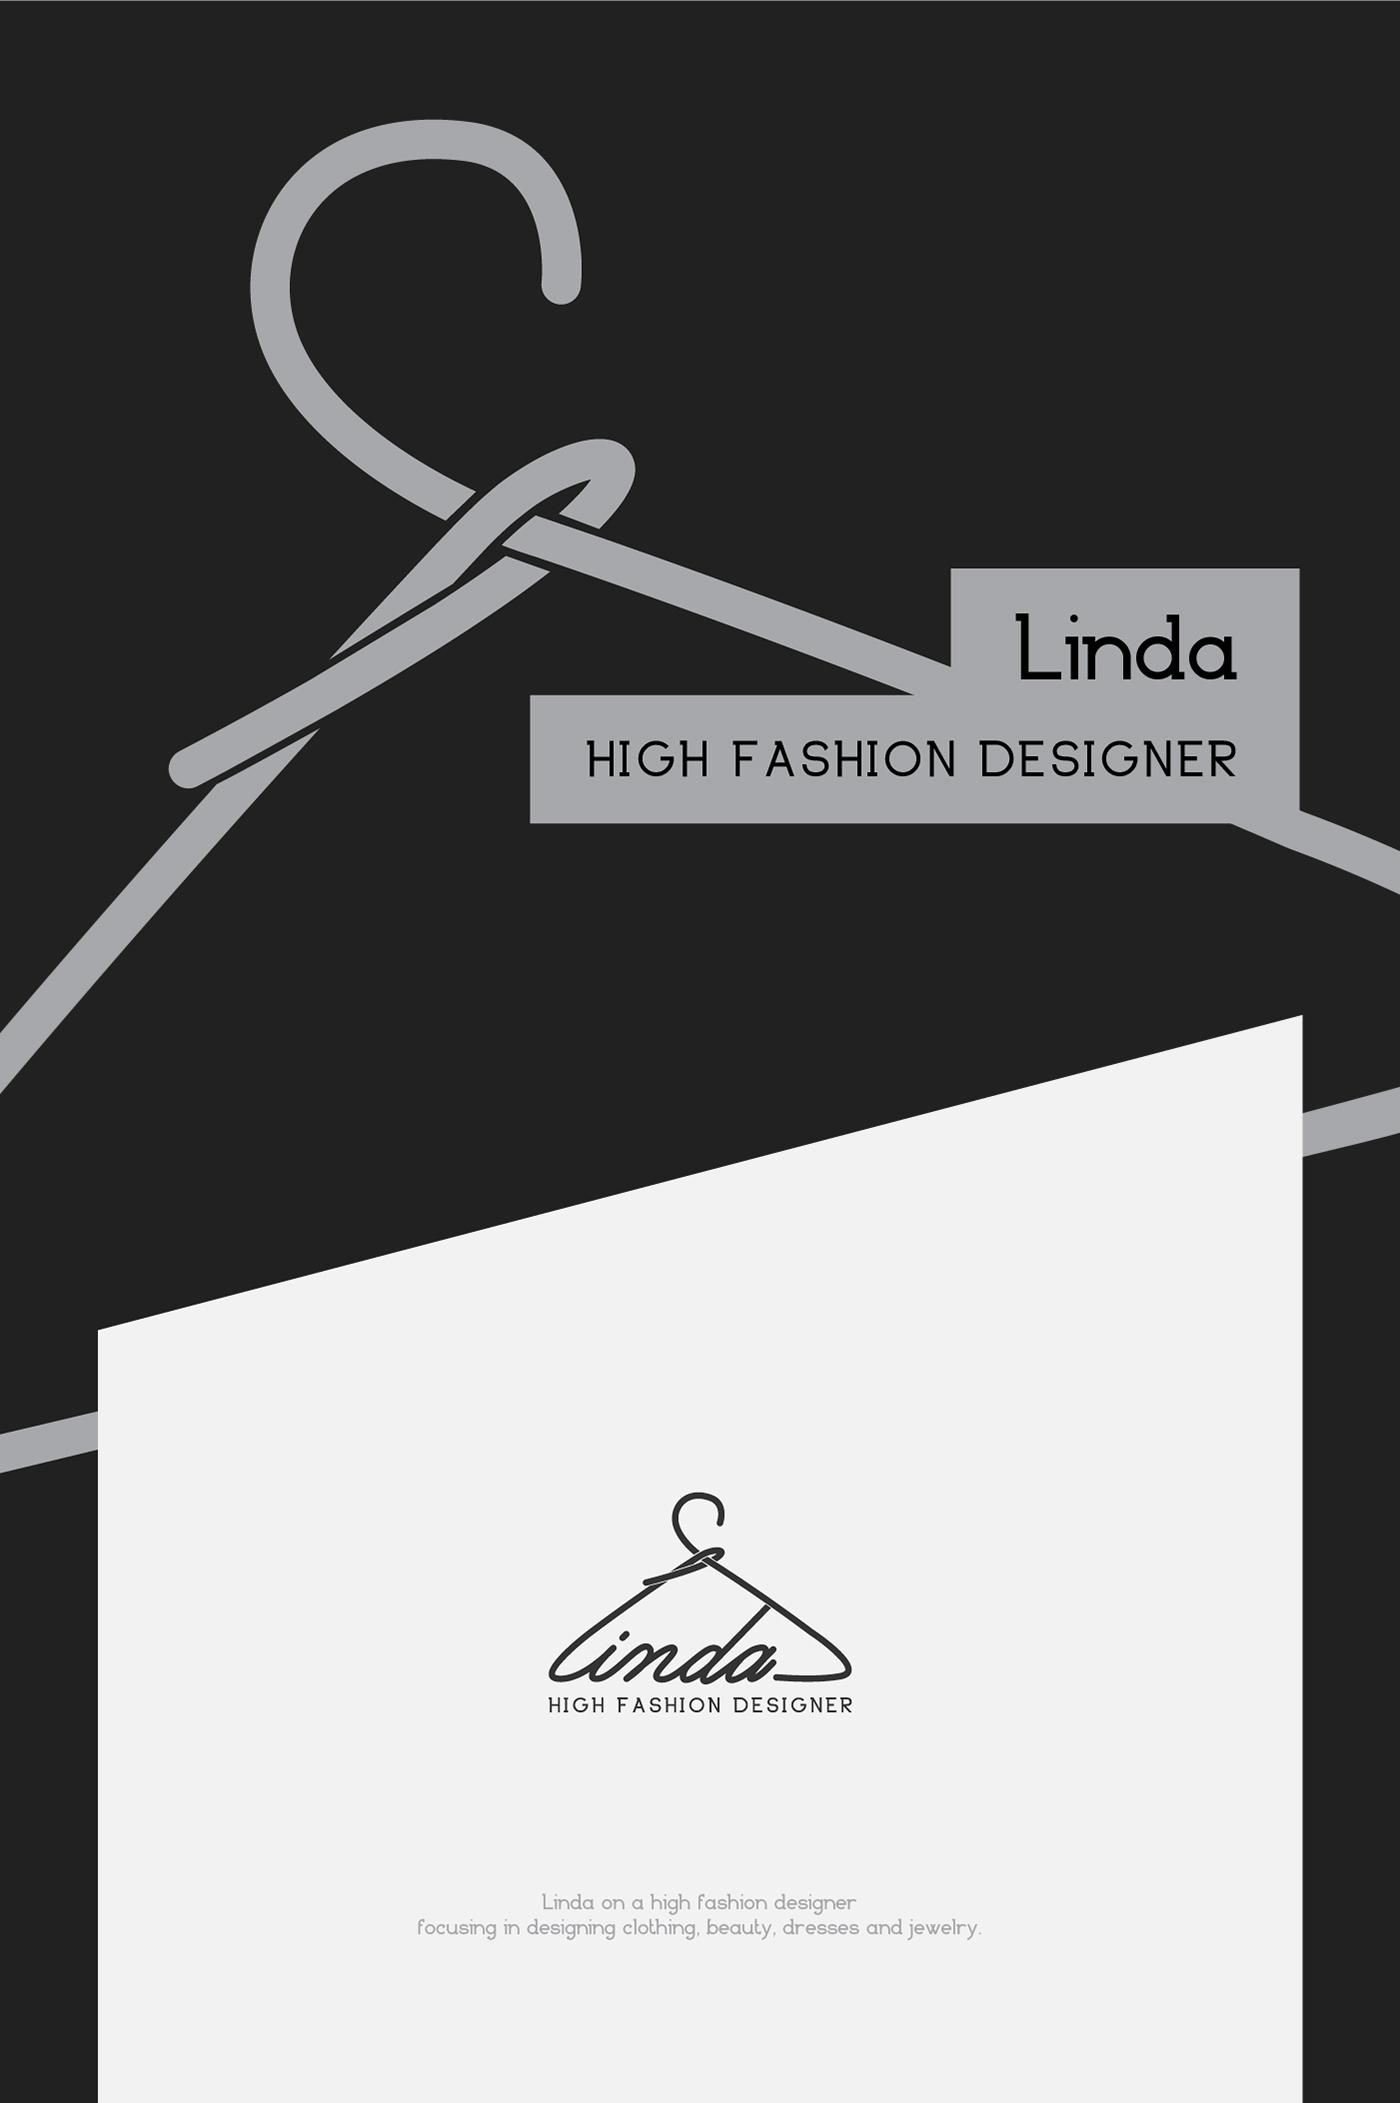 fashion designer information